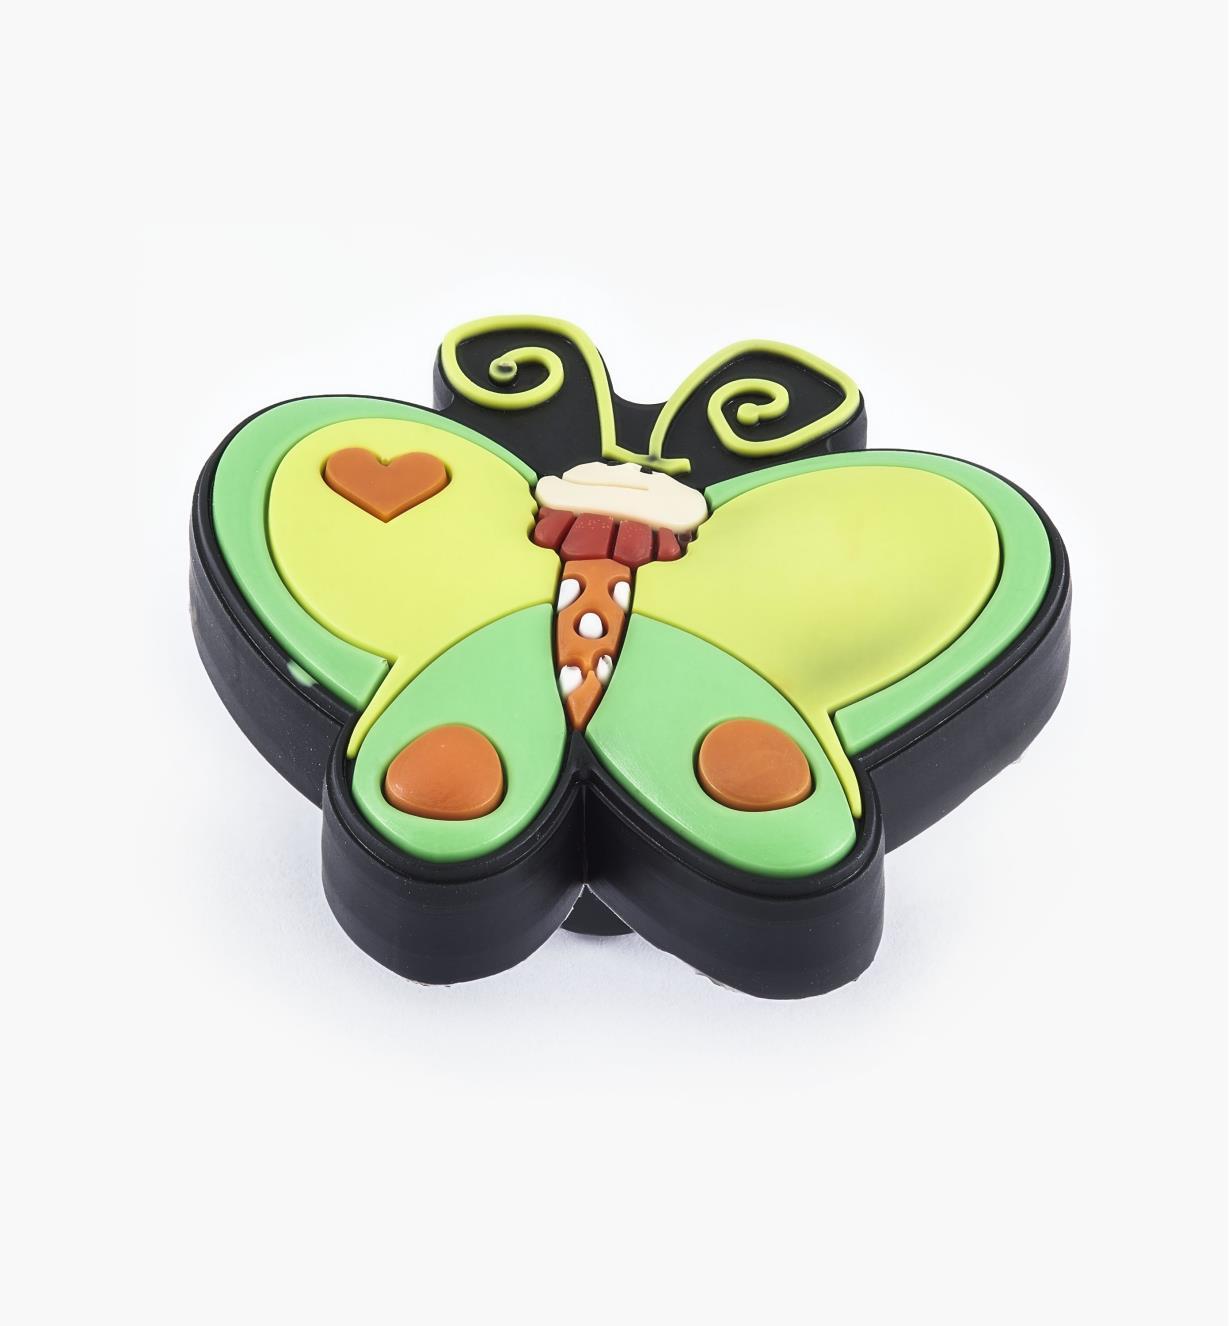 00W5623 - Butterfly Knob